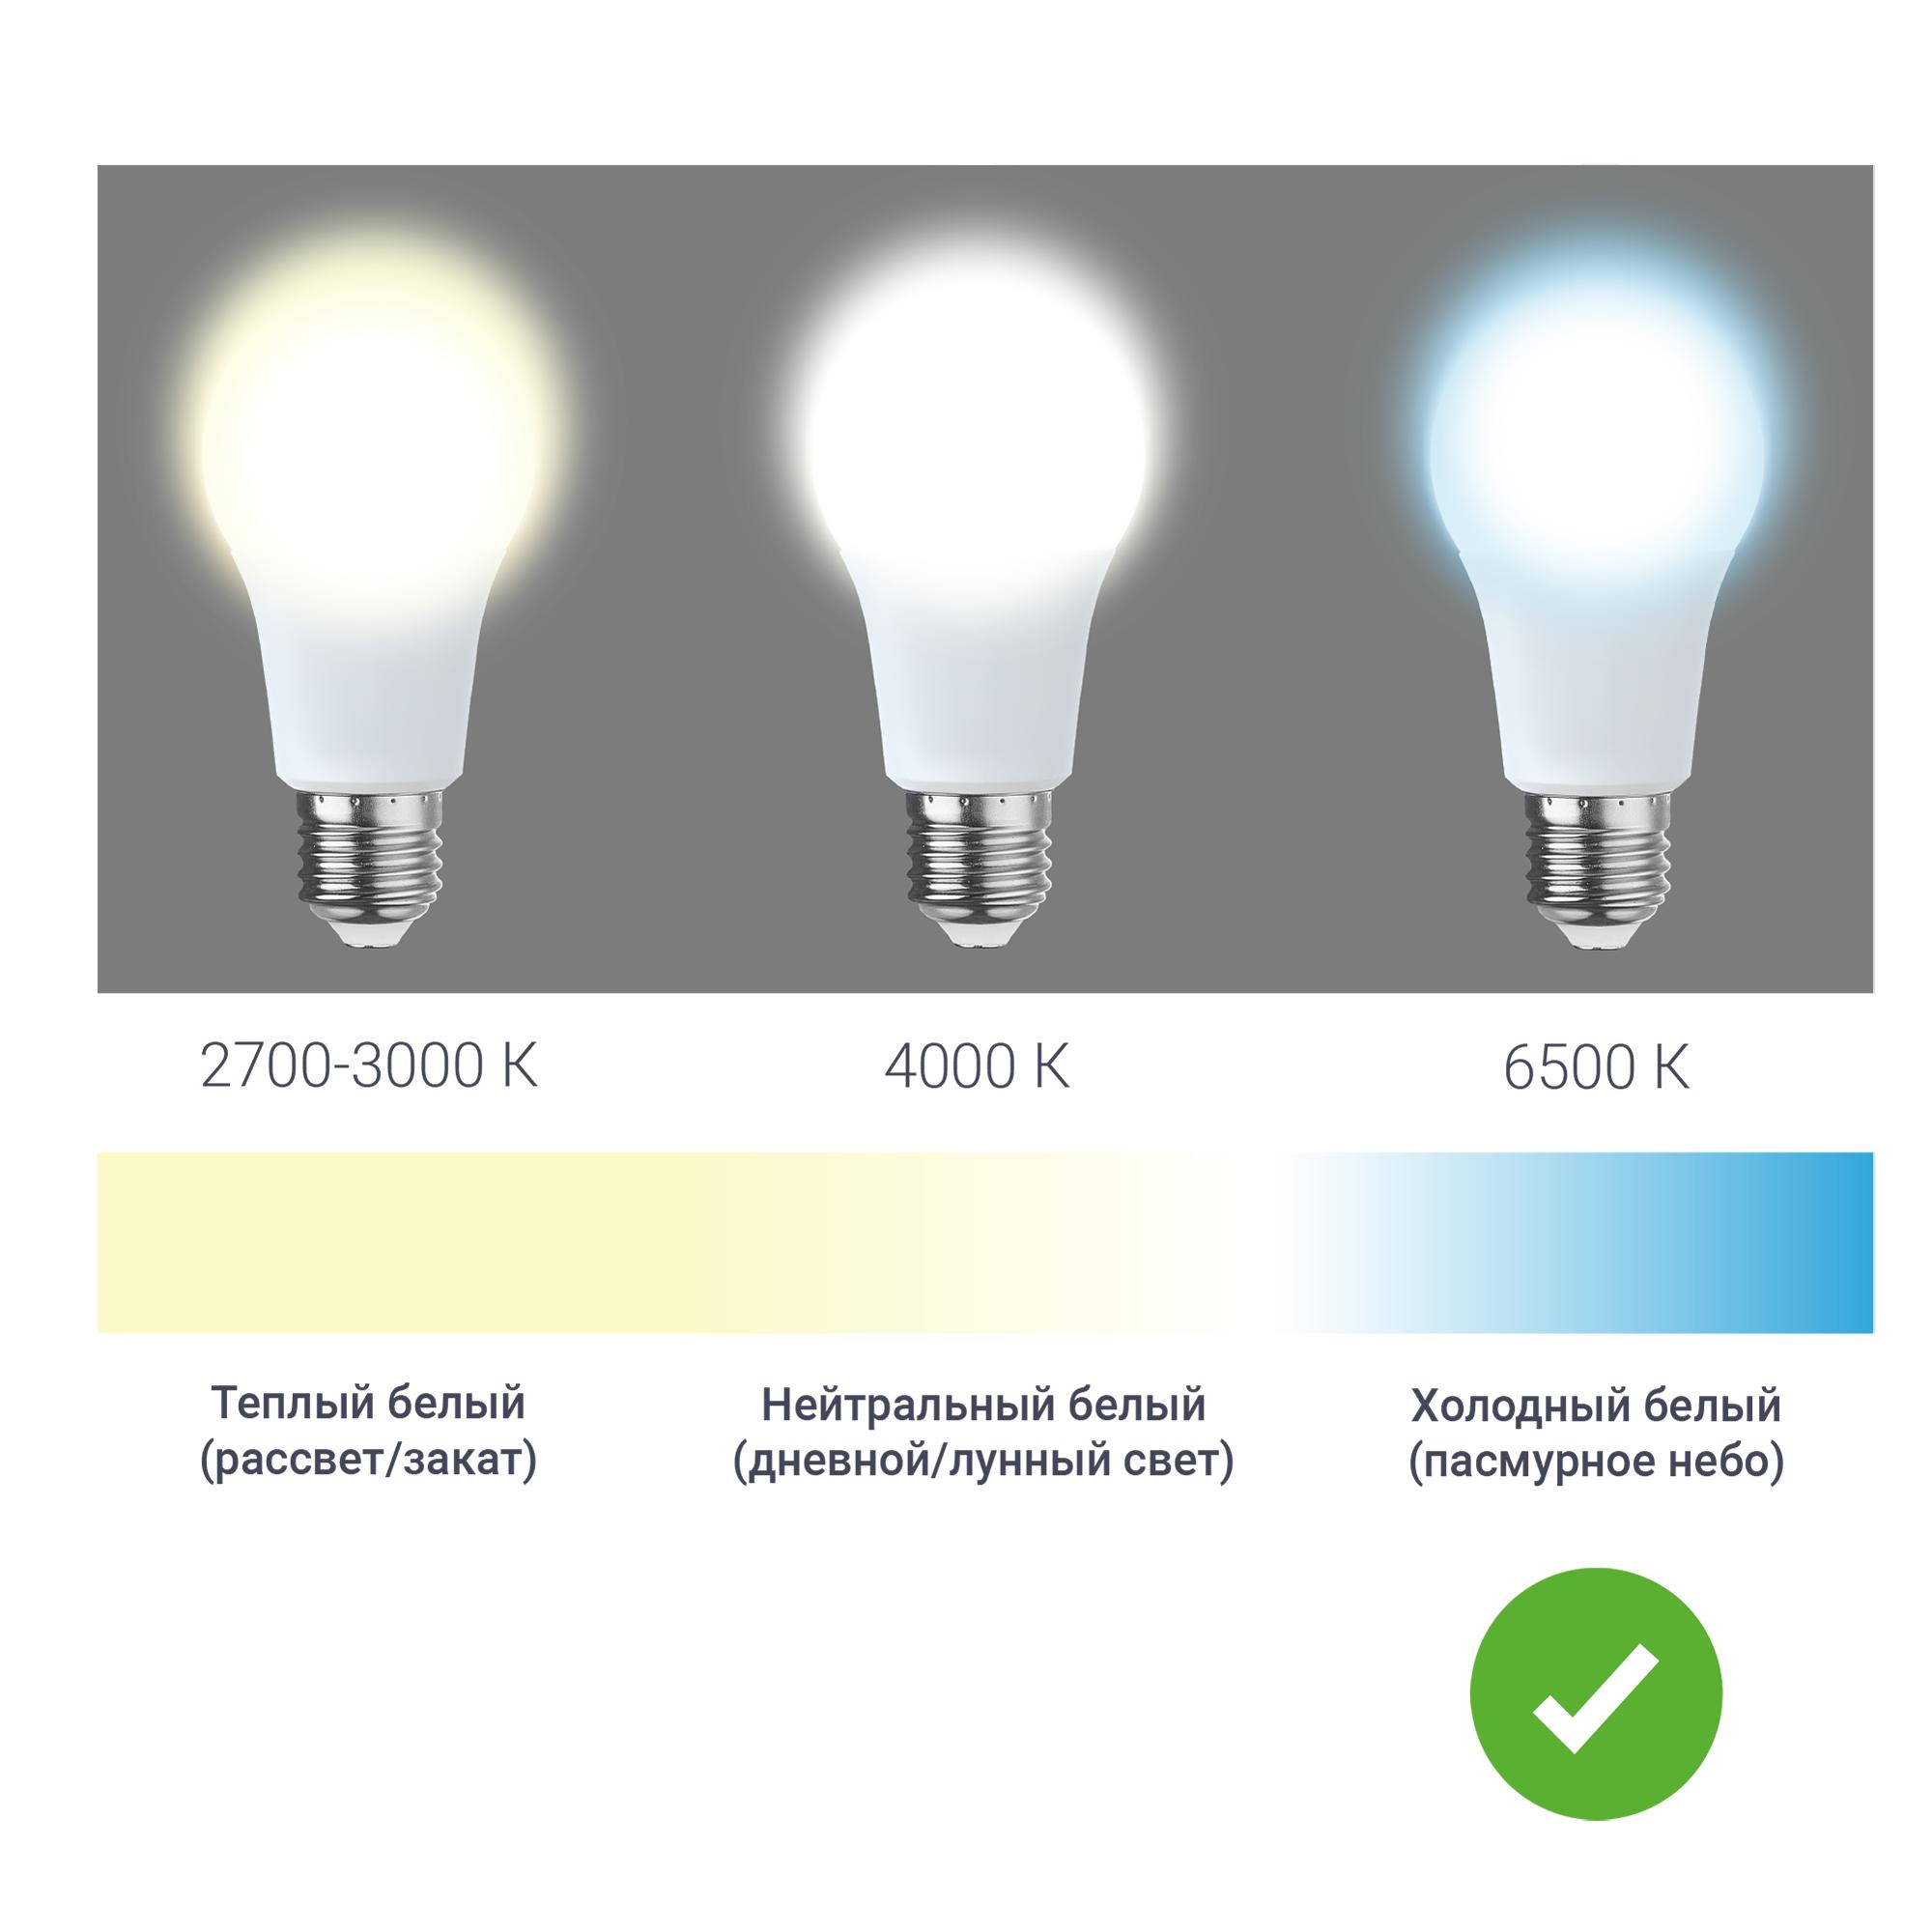 Лампа светодиодная Gauss E14 6 Вт свеча матовая 470 лм (световой поток) холодный белый свет